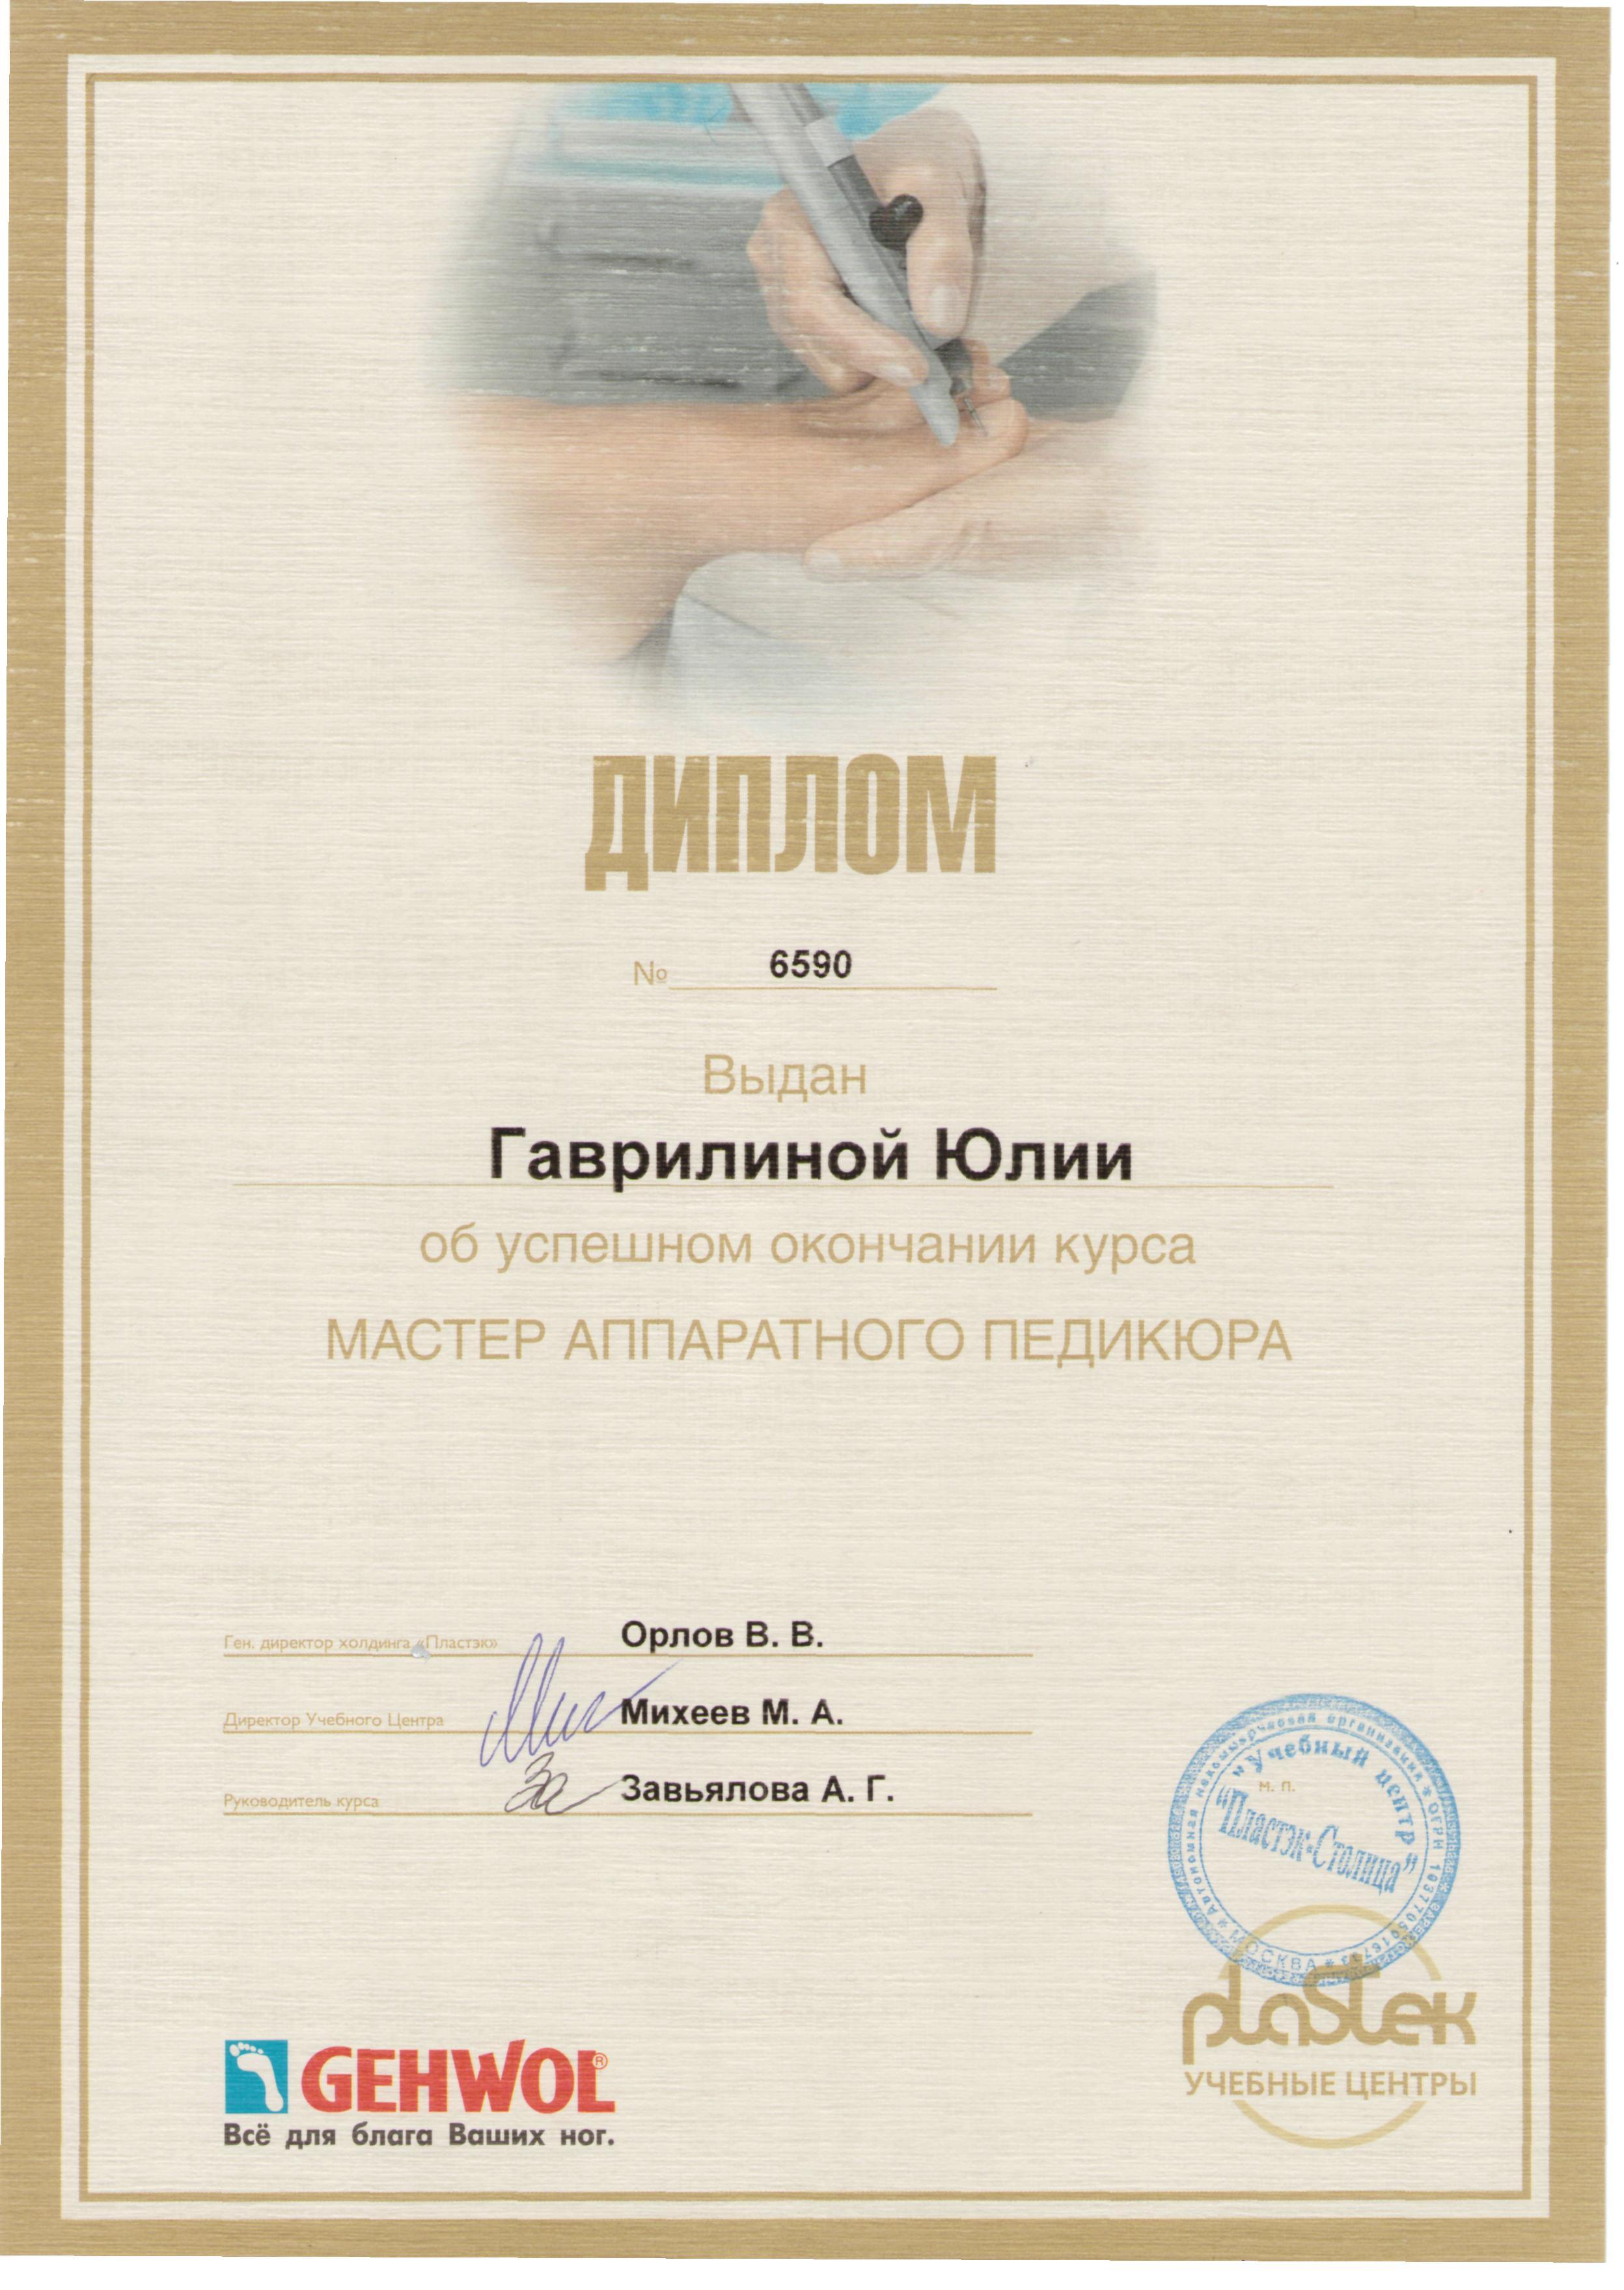 2010 Учебный центр «Пластэк» «Аппаратный педикюр Геволь»